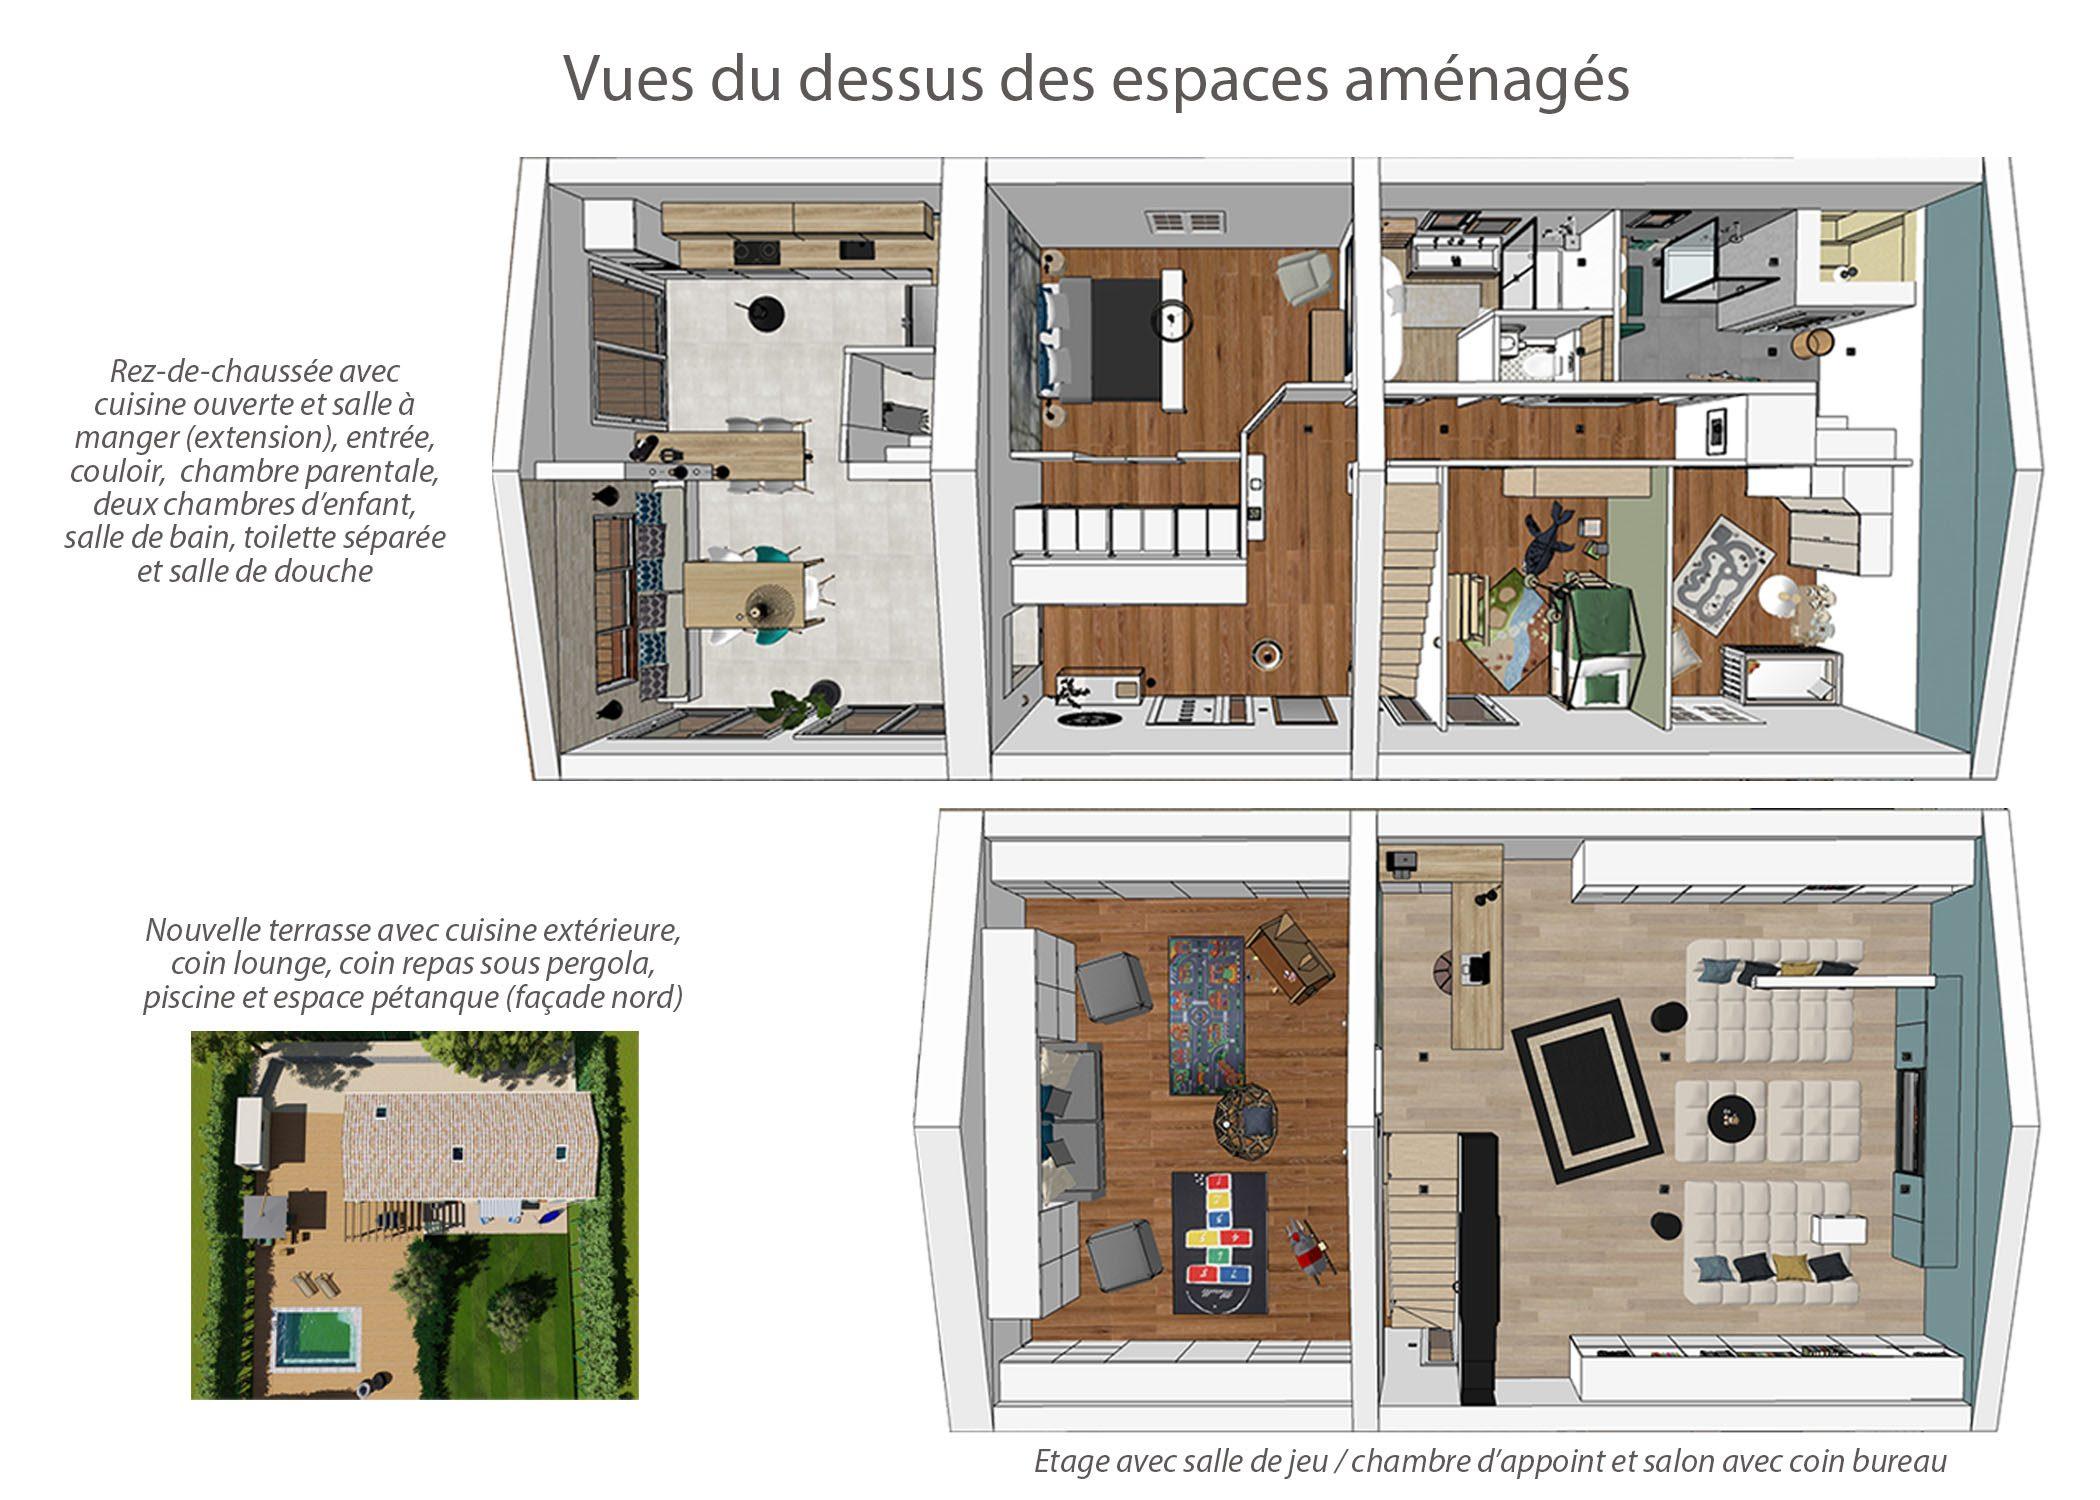 renovation-amenagement-decoration-maison de famille-fuveau-vues du dessus des espaces amenages-dekho design